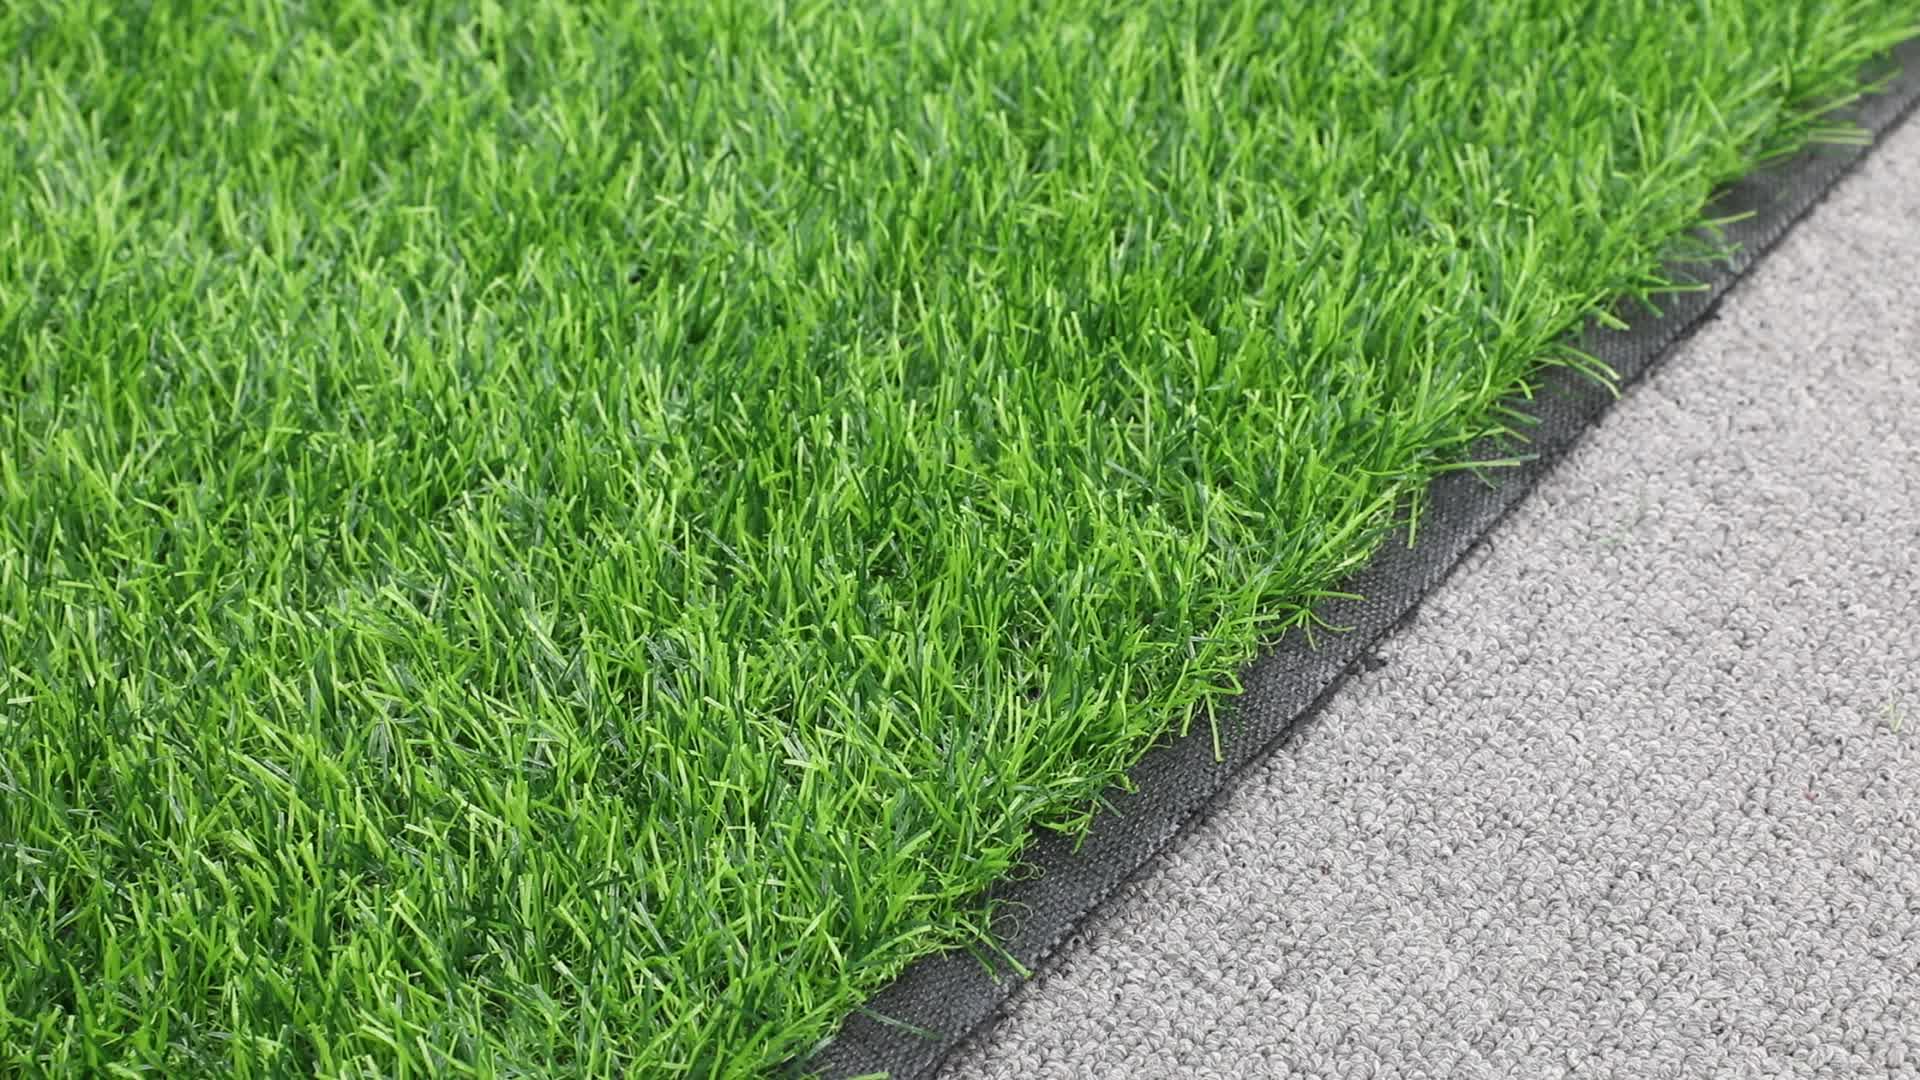 Confortável Esportes campo de futebol de Grama Artificial tapete tapete de grama sintética